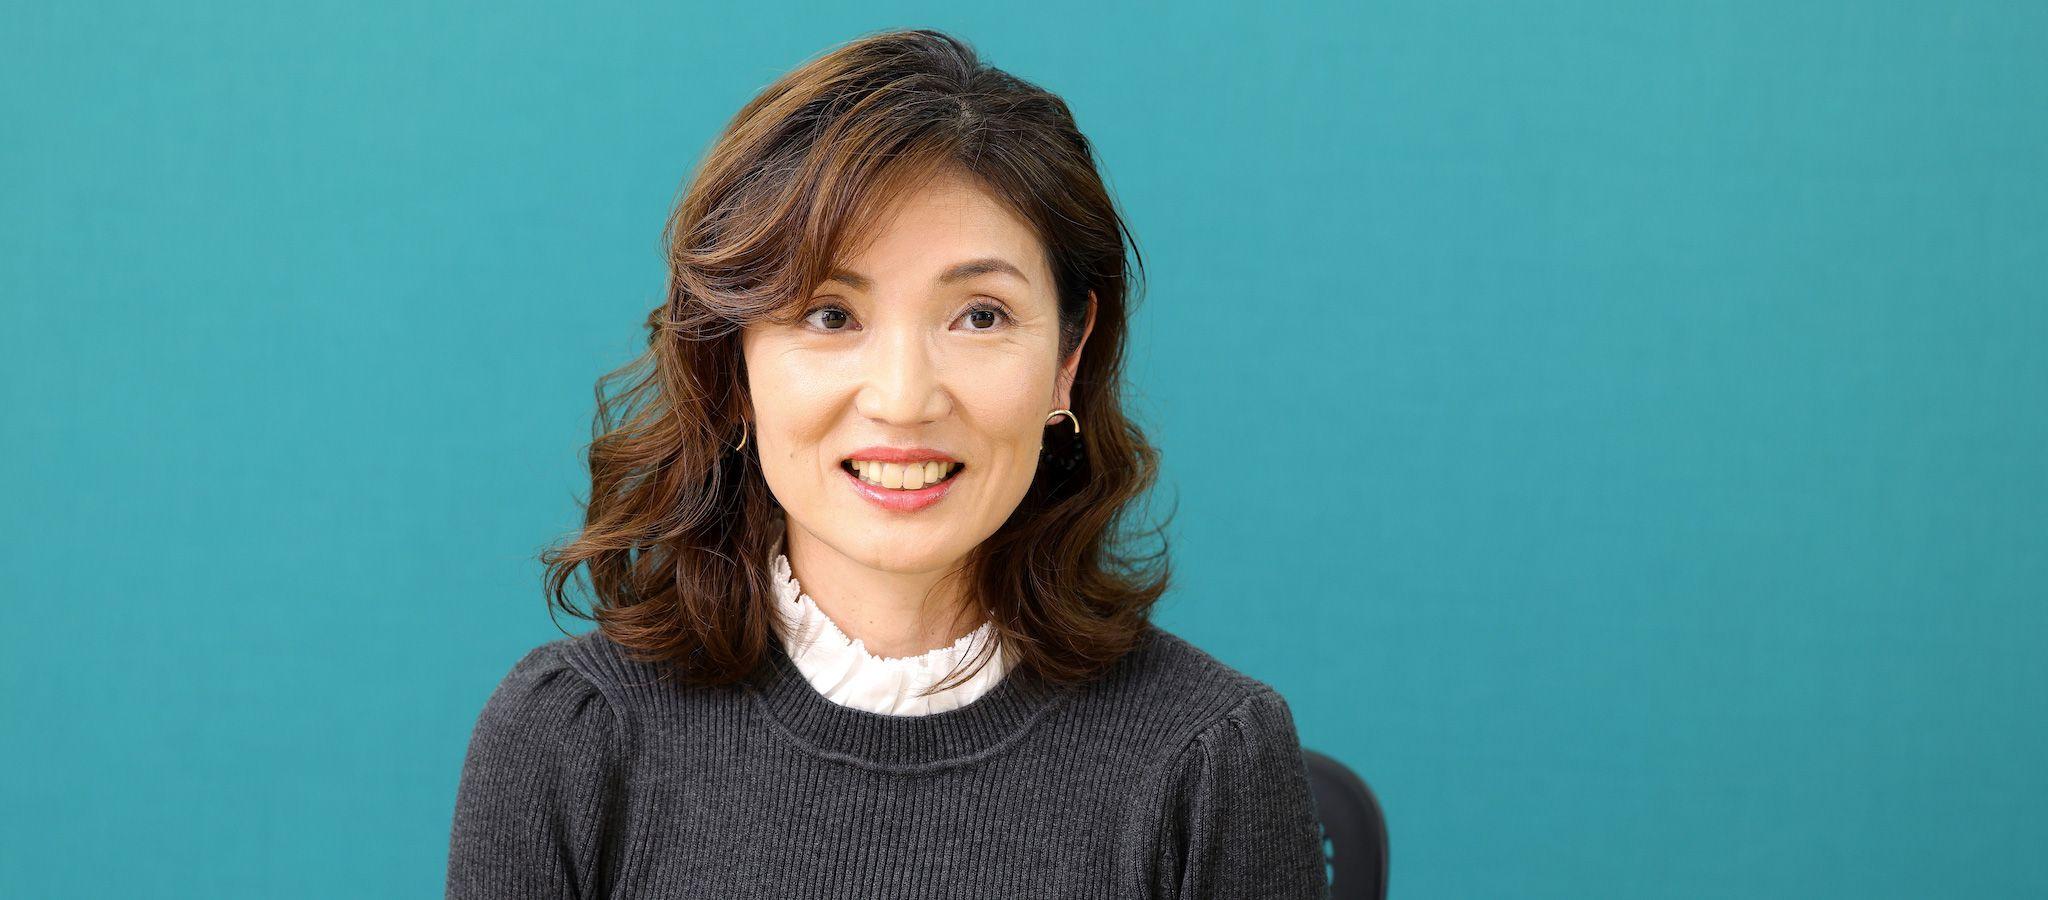 「五輪で5個メダル」武田美保さん語るコーチ論